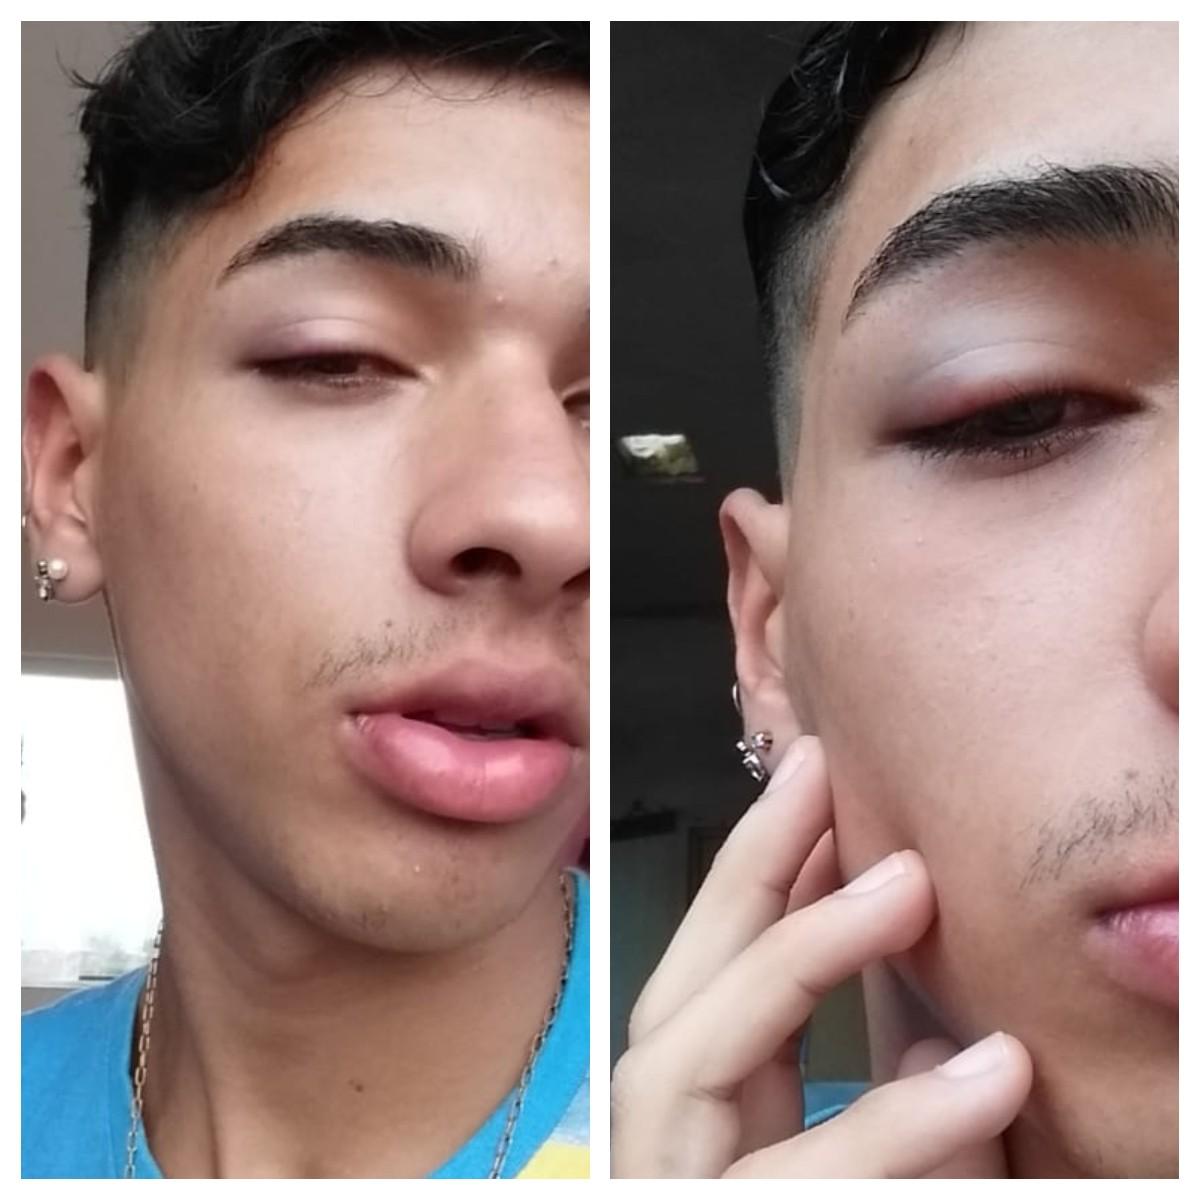 Jovem é agredido em bar no litoral de SP e denuncia homofobia na web: 'Não estamos seguros'